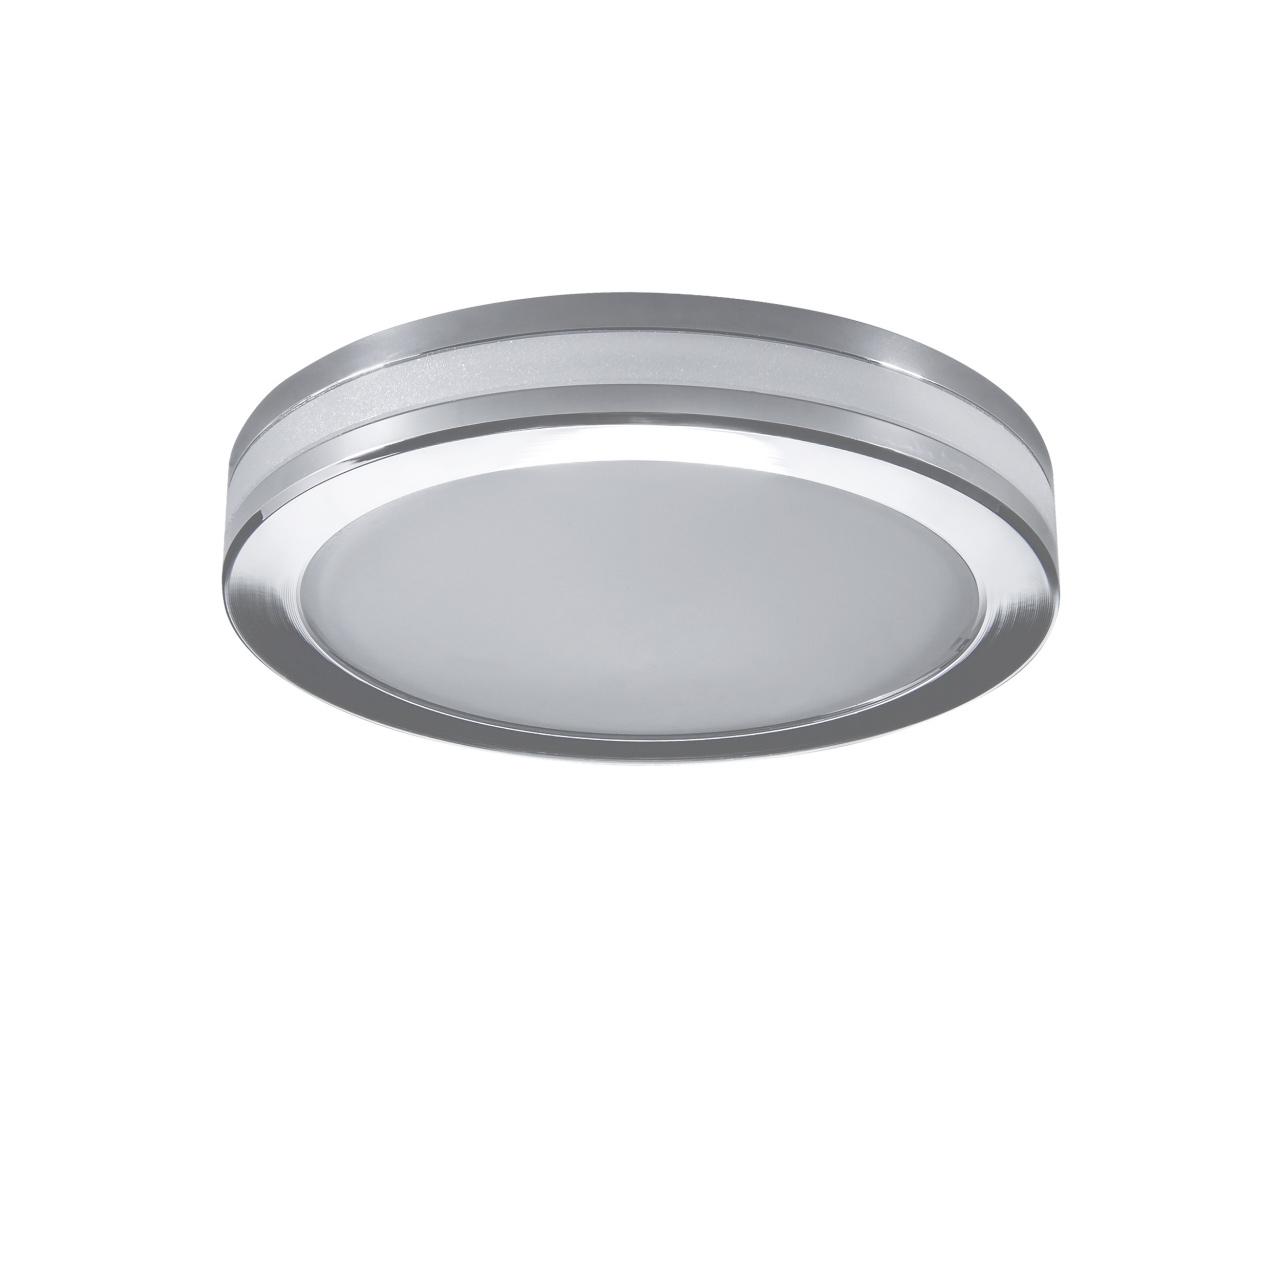 Светильник Maturo LED 5W 470LM хром / матовый 4000K D79 d60 Lightstar 070254